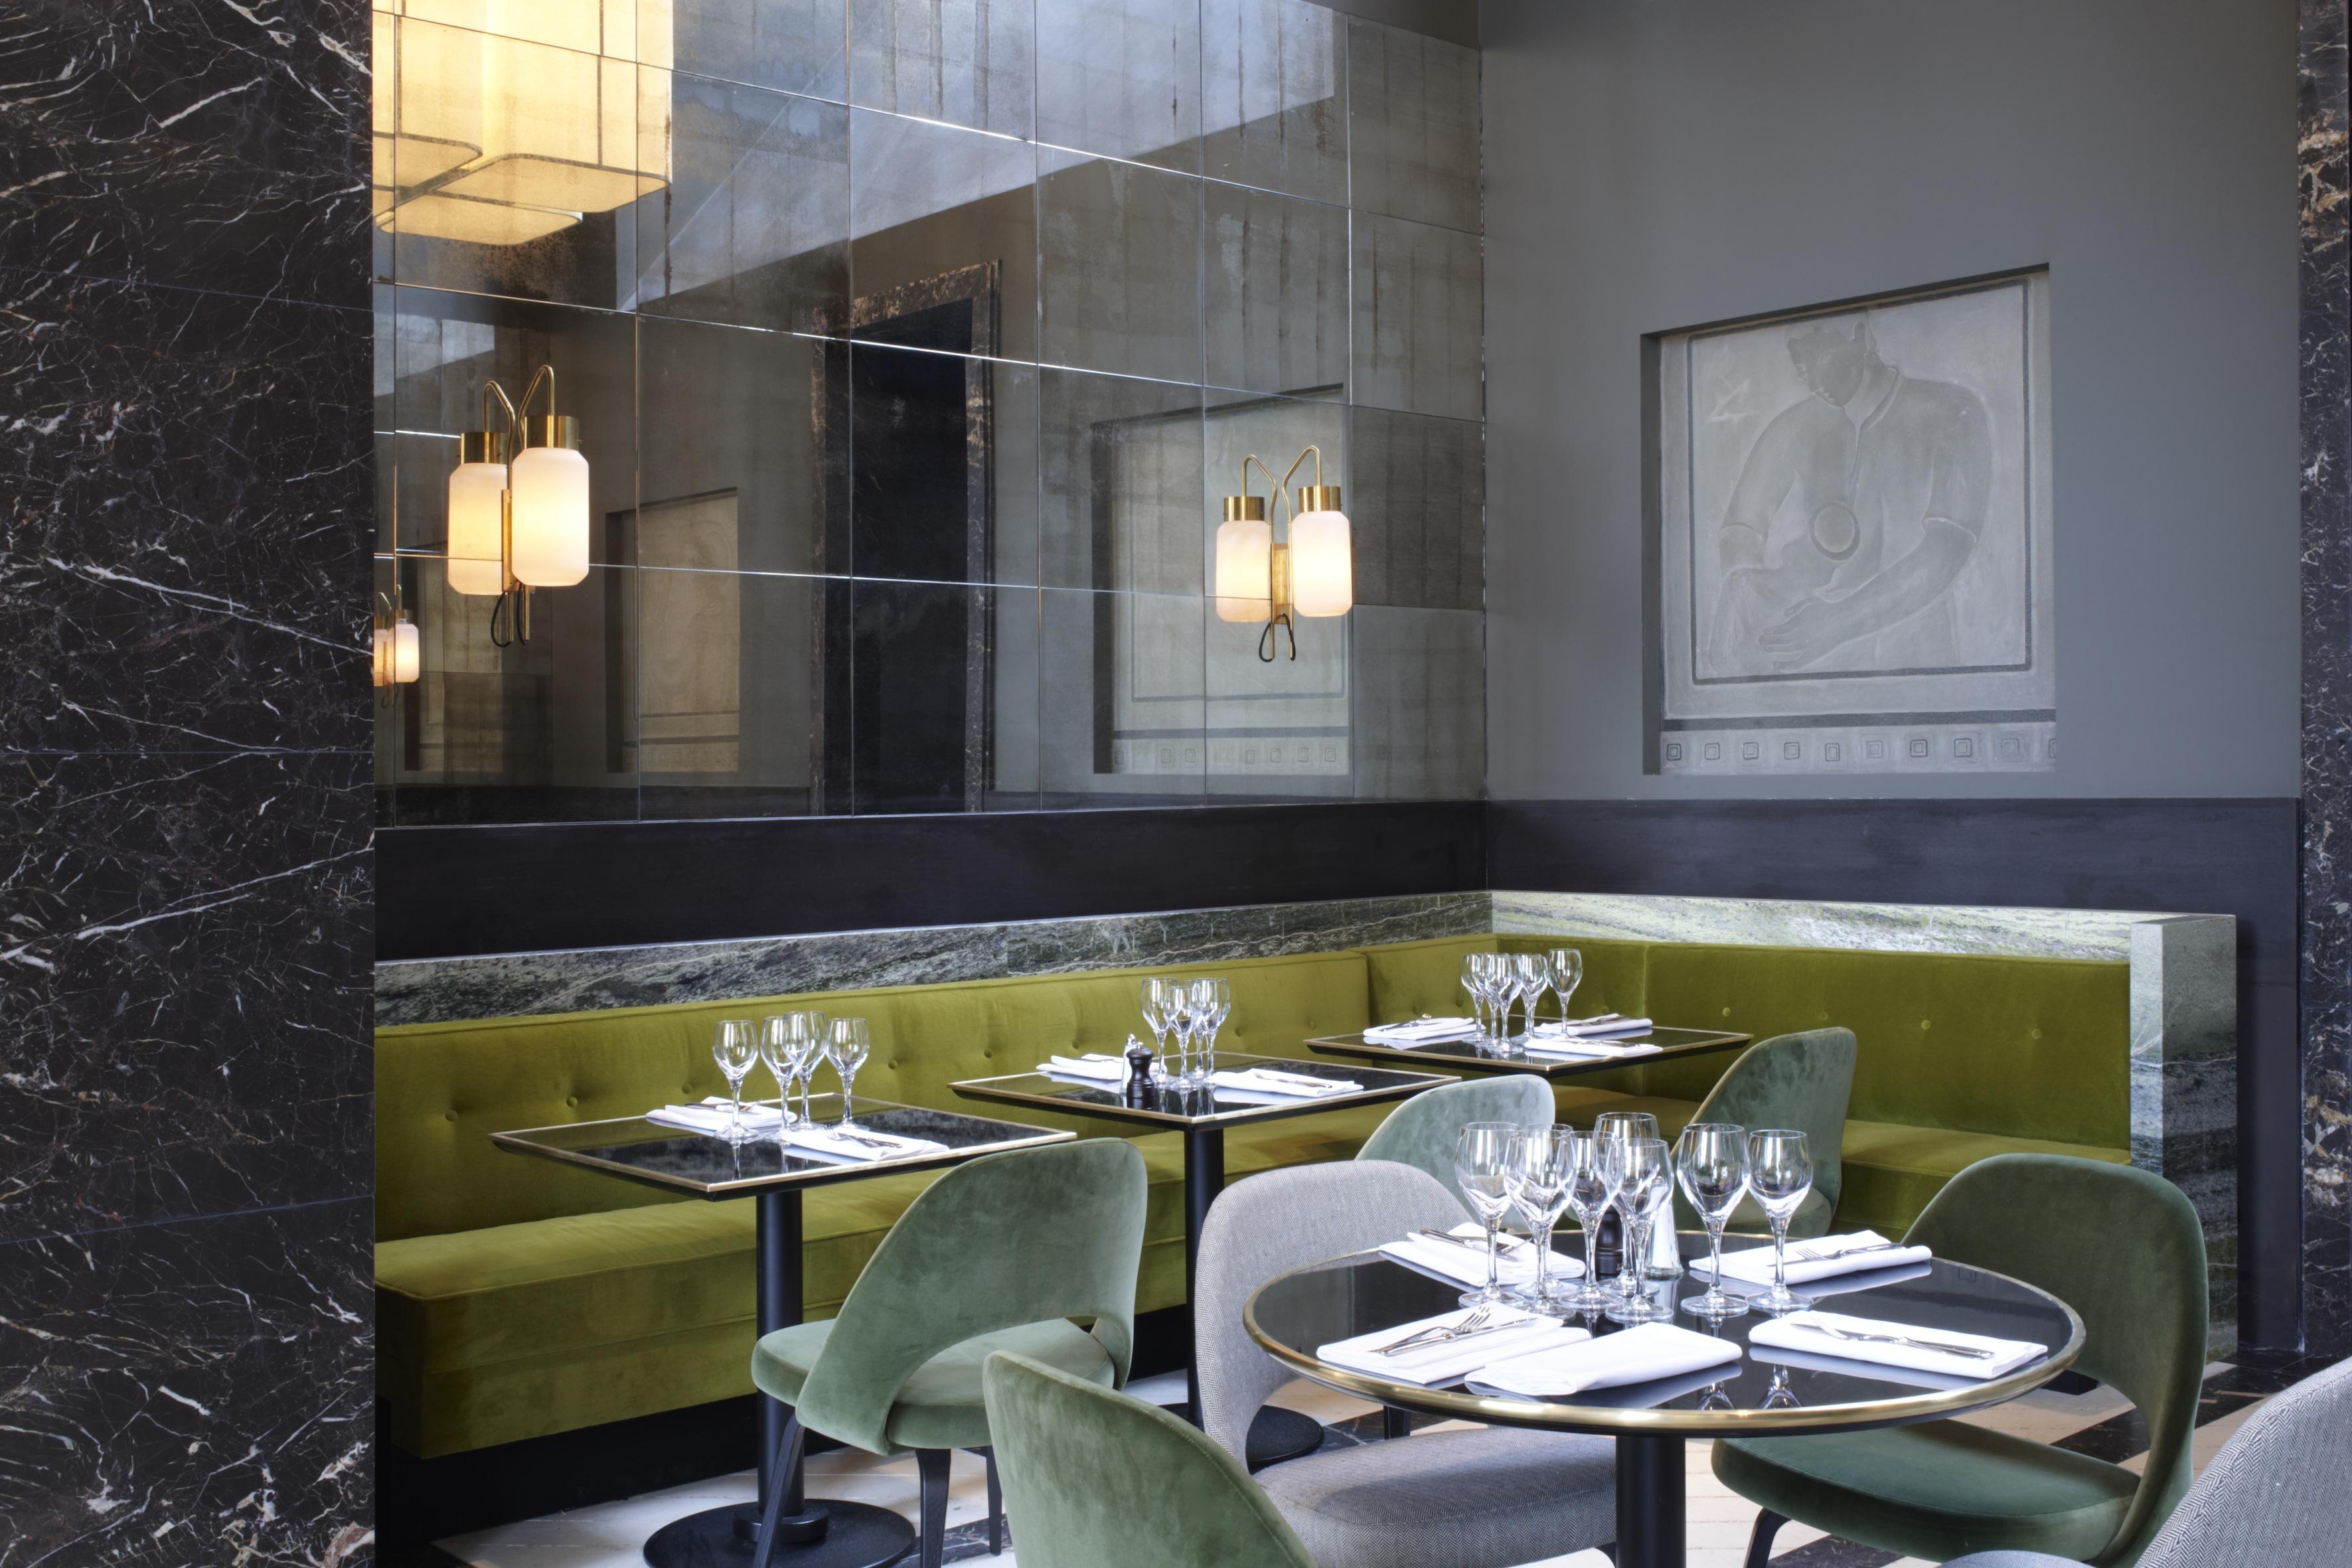 Deco Tonneau De Vin monsieur bleu-dining chic-to-chic at the palais de tokyo, b